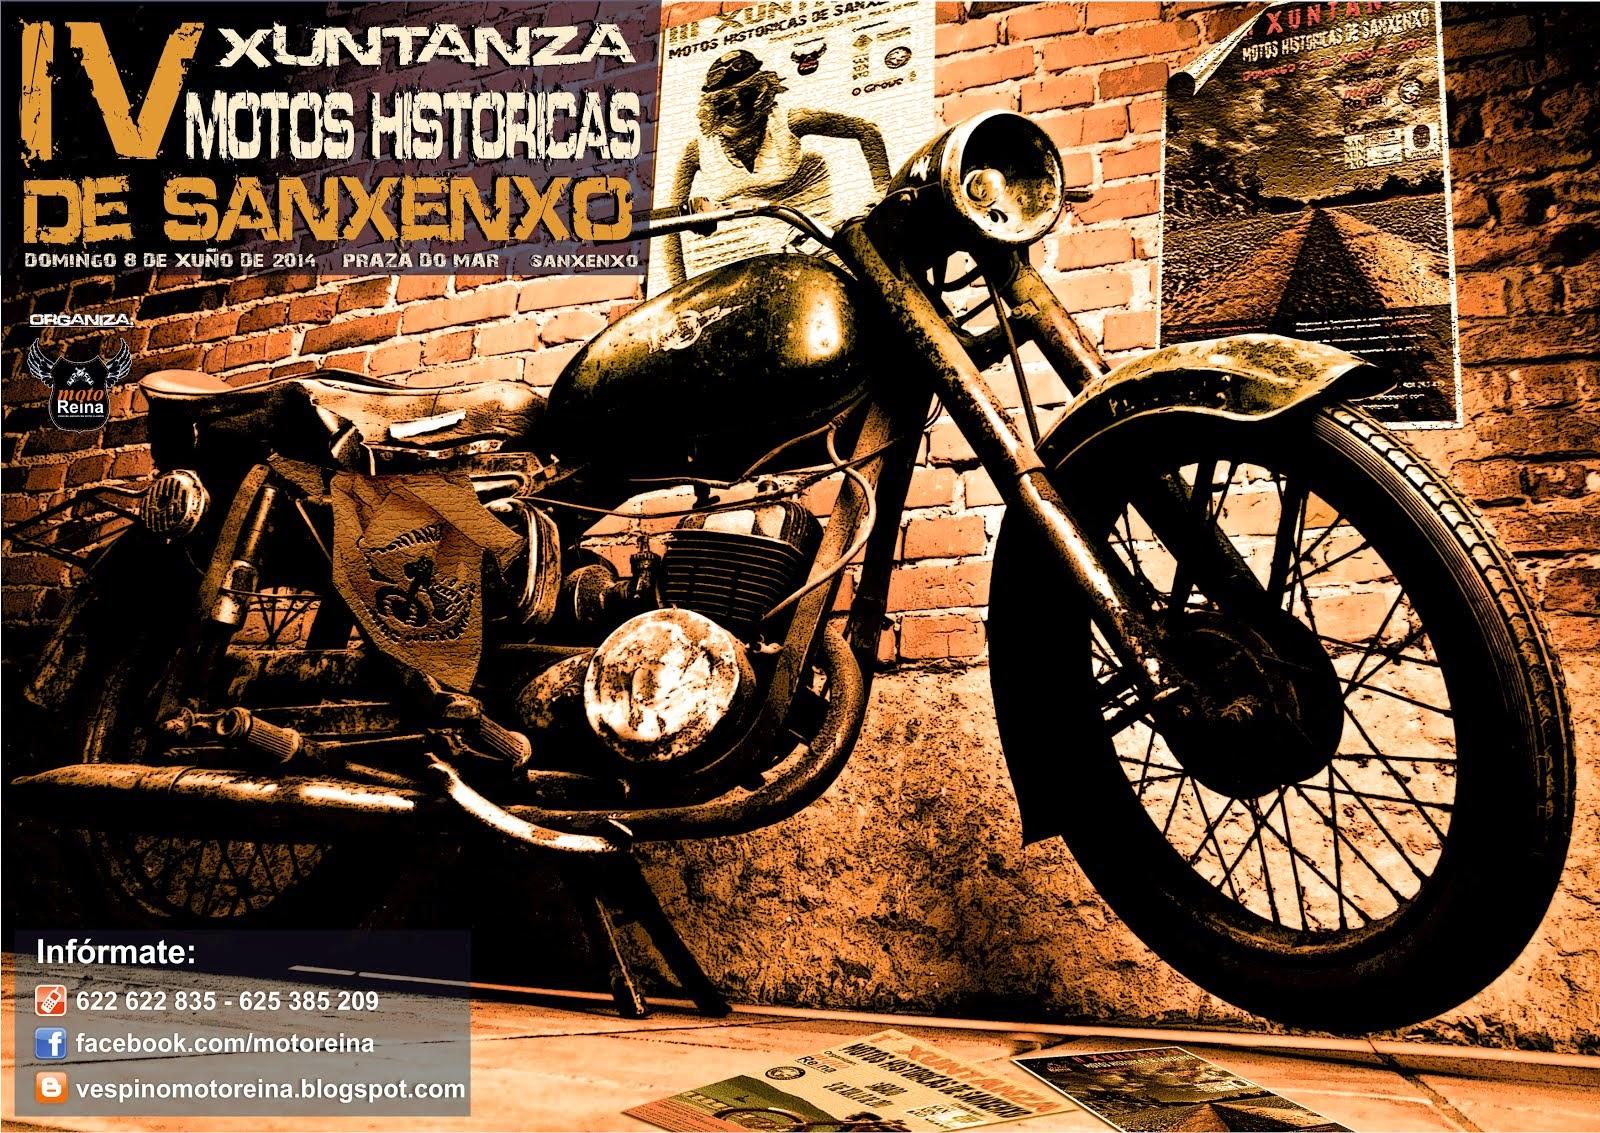 4ª XUNTANZA MOTOS HISTORICAS SANXENXO